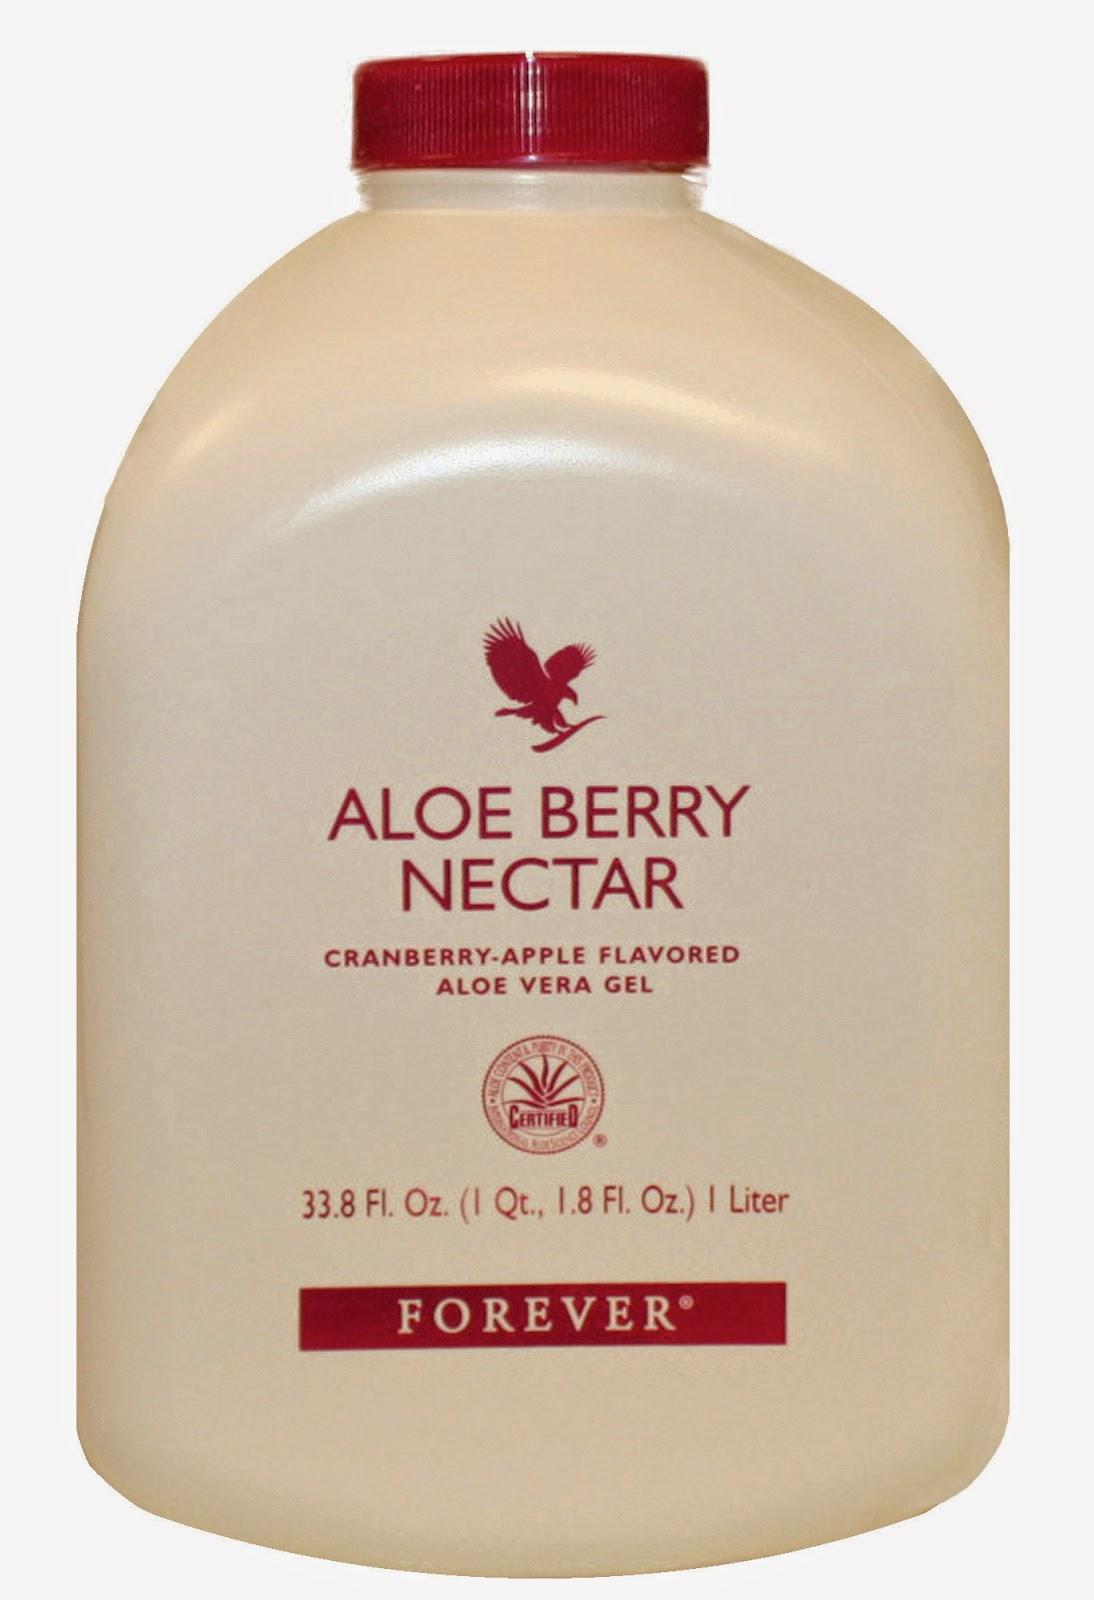 http://ery.succoaloevera.it/prodotti/aloe-berry-nectar